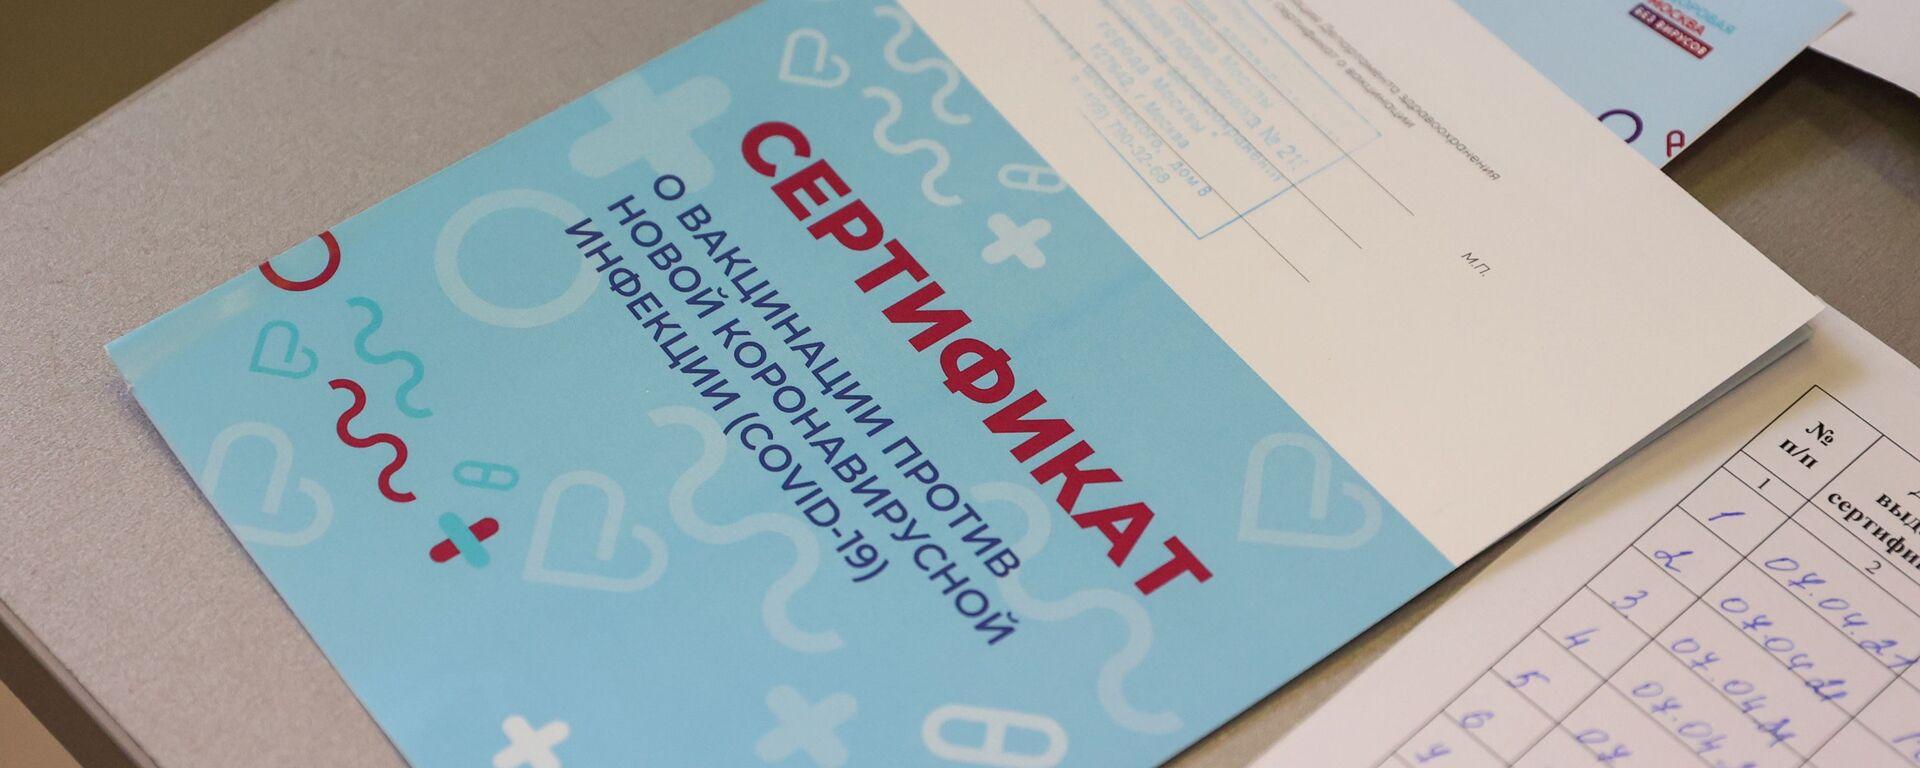 Certyfikat szczepienia przeciwko COVID-19, Rosja - Sputnik Polska, 1920, 02.06.2021